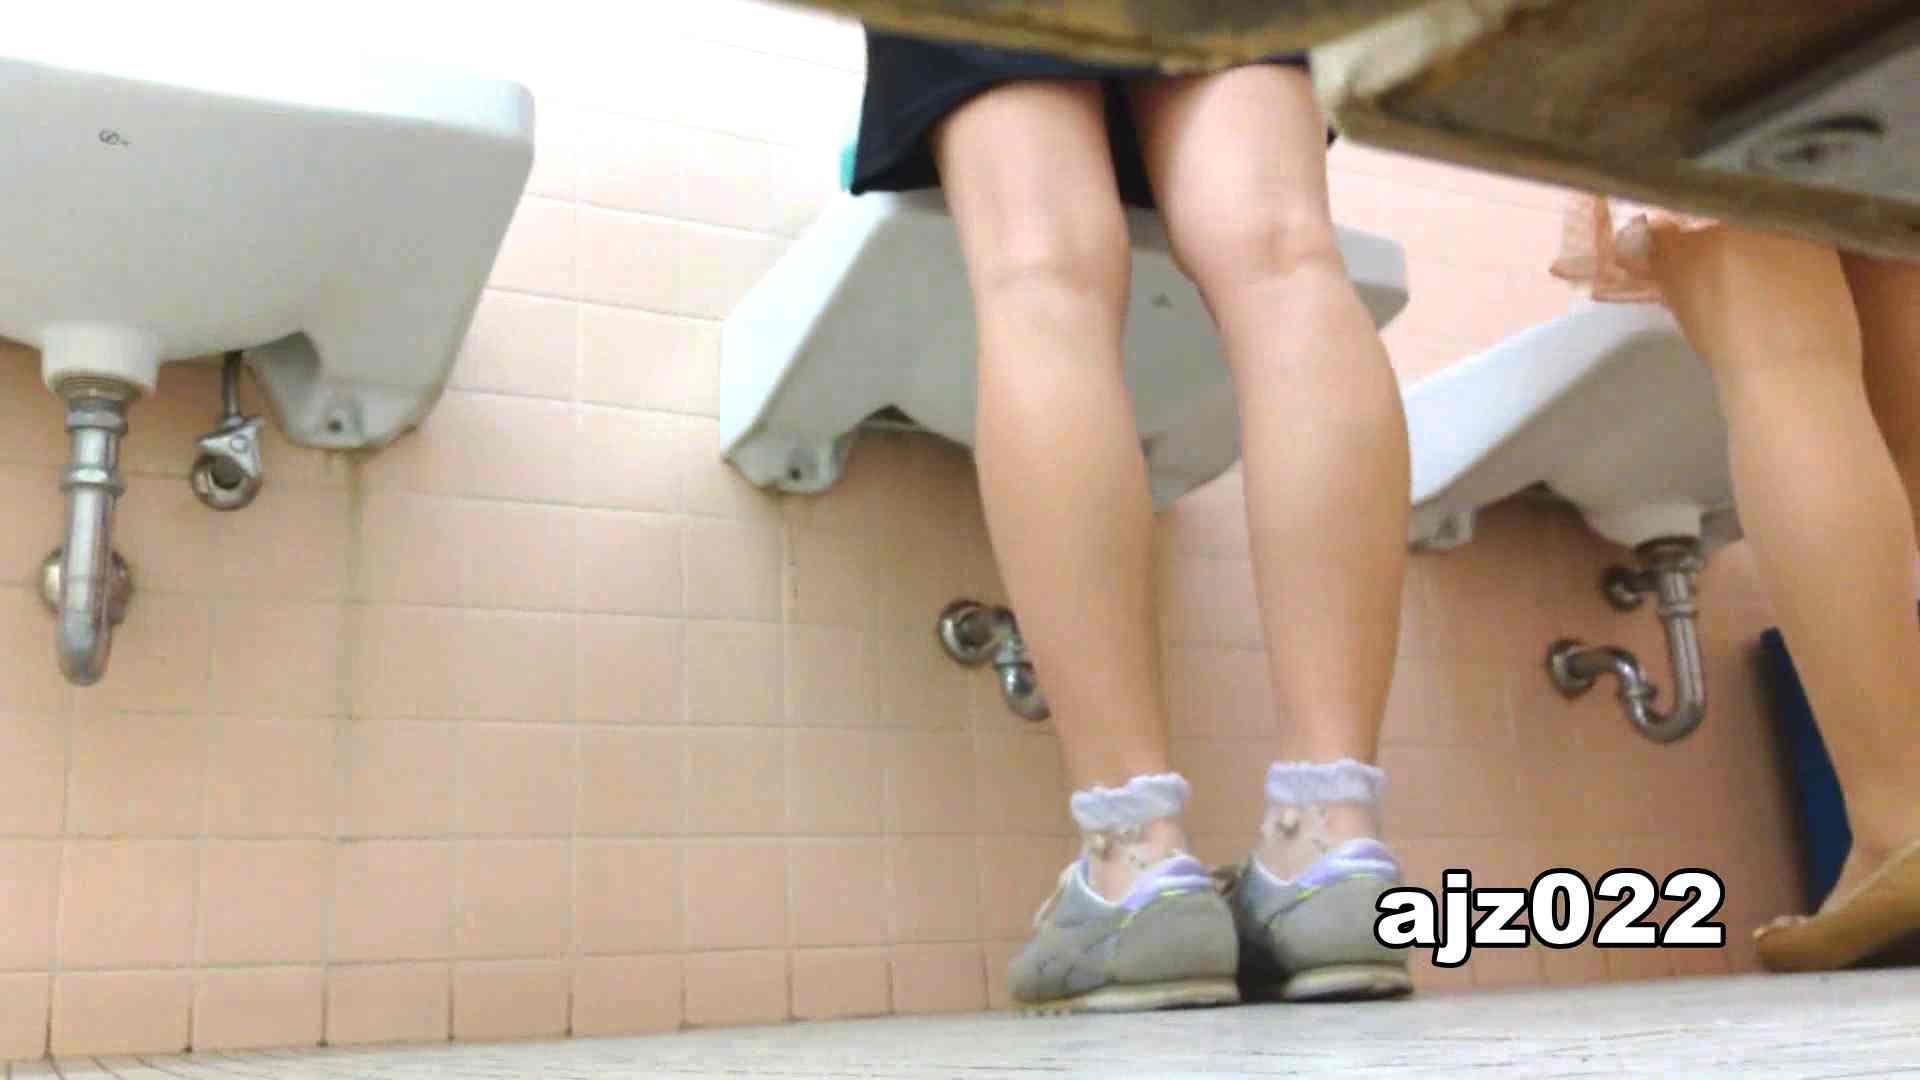 某有名大学女性洗面所 vol.22 排泄 セックス無修正動画無料 48PIX 47